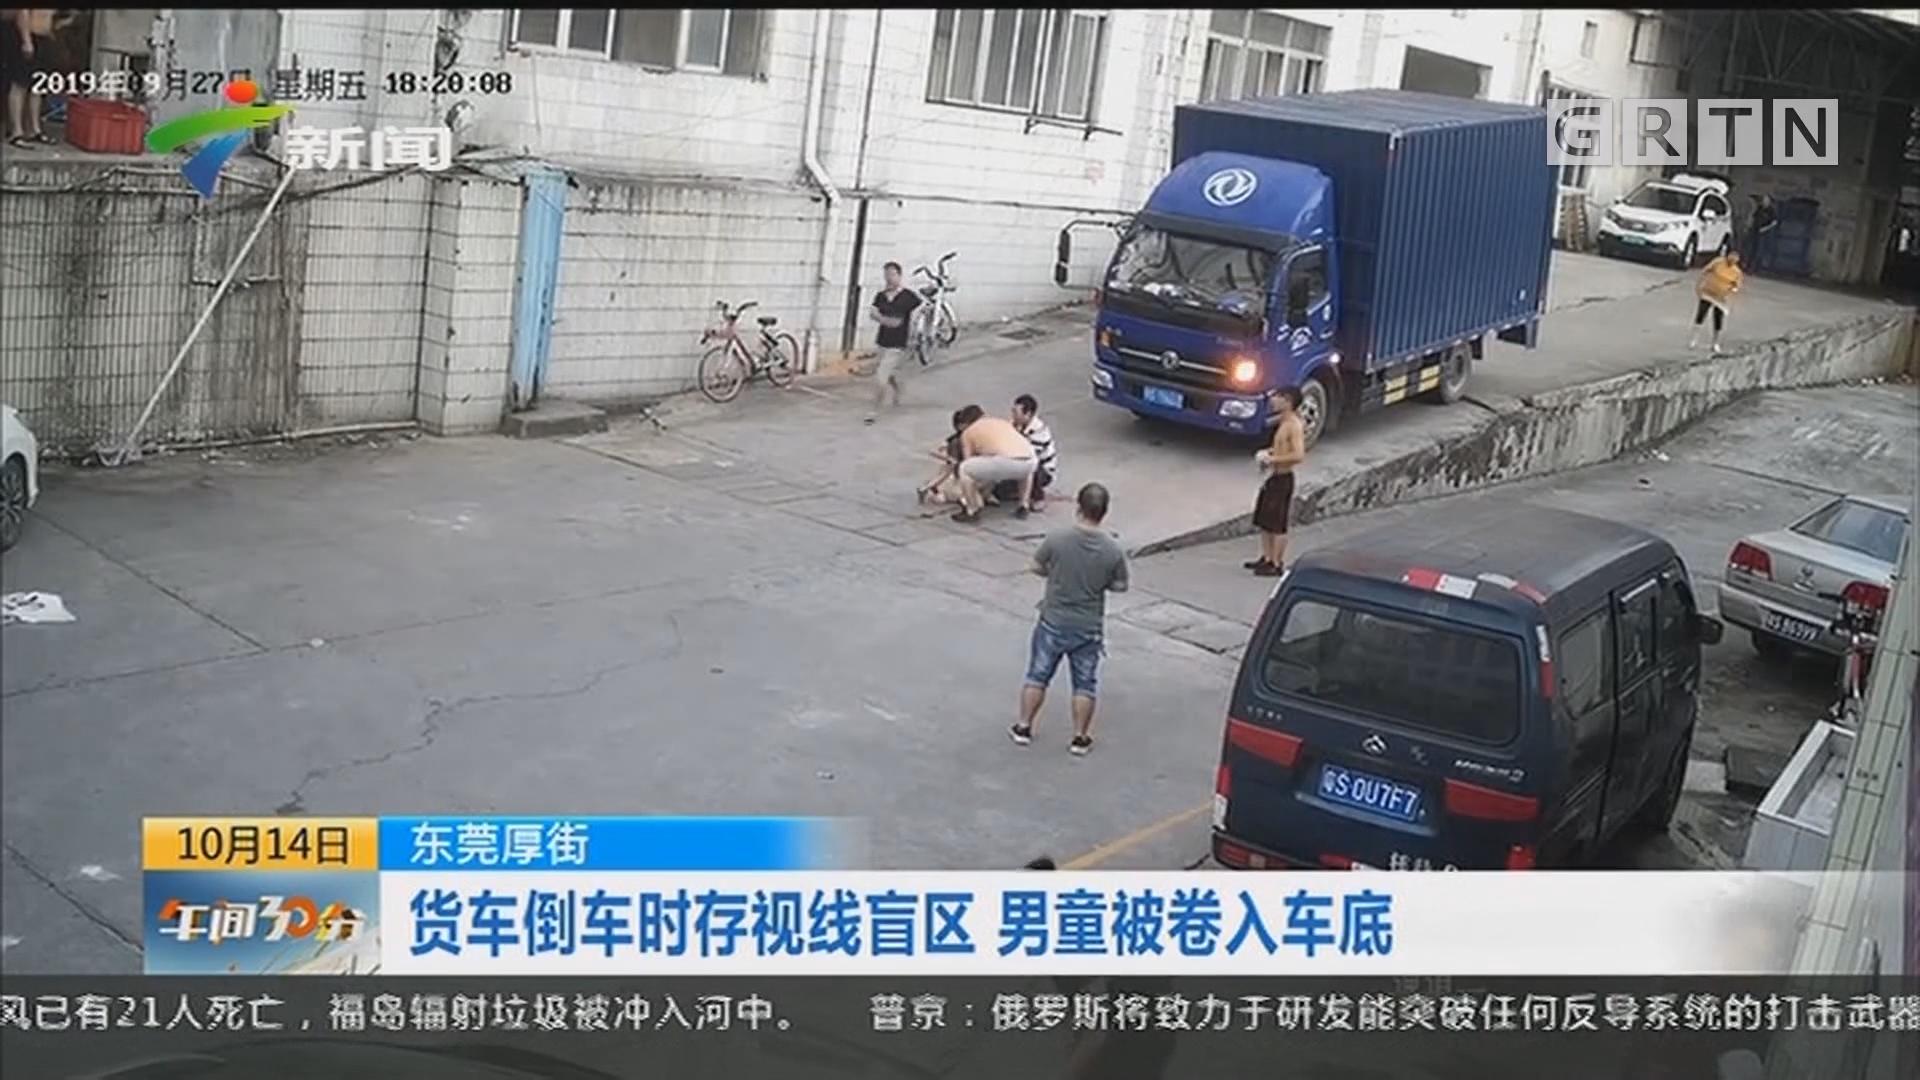 东莞厚街:货车倒车时存视线盲区 男童被卷入车底